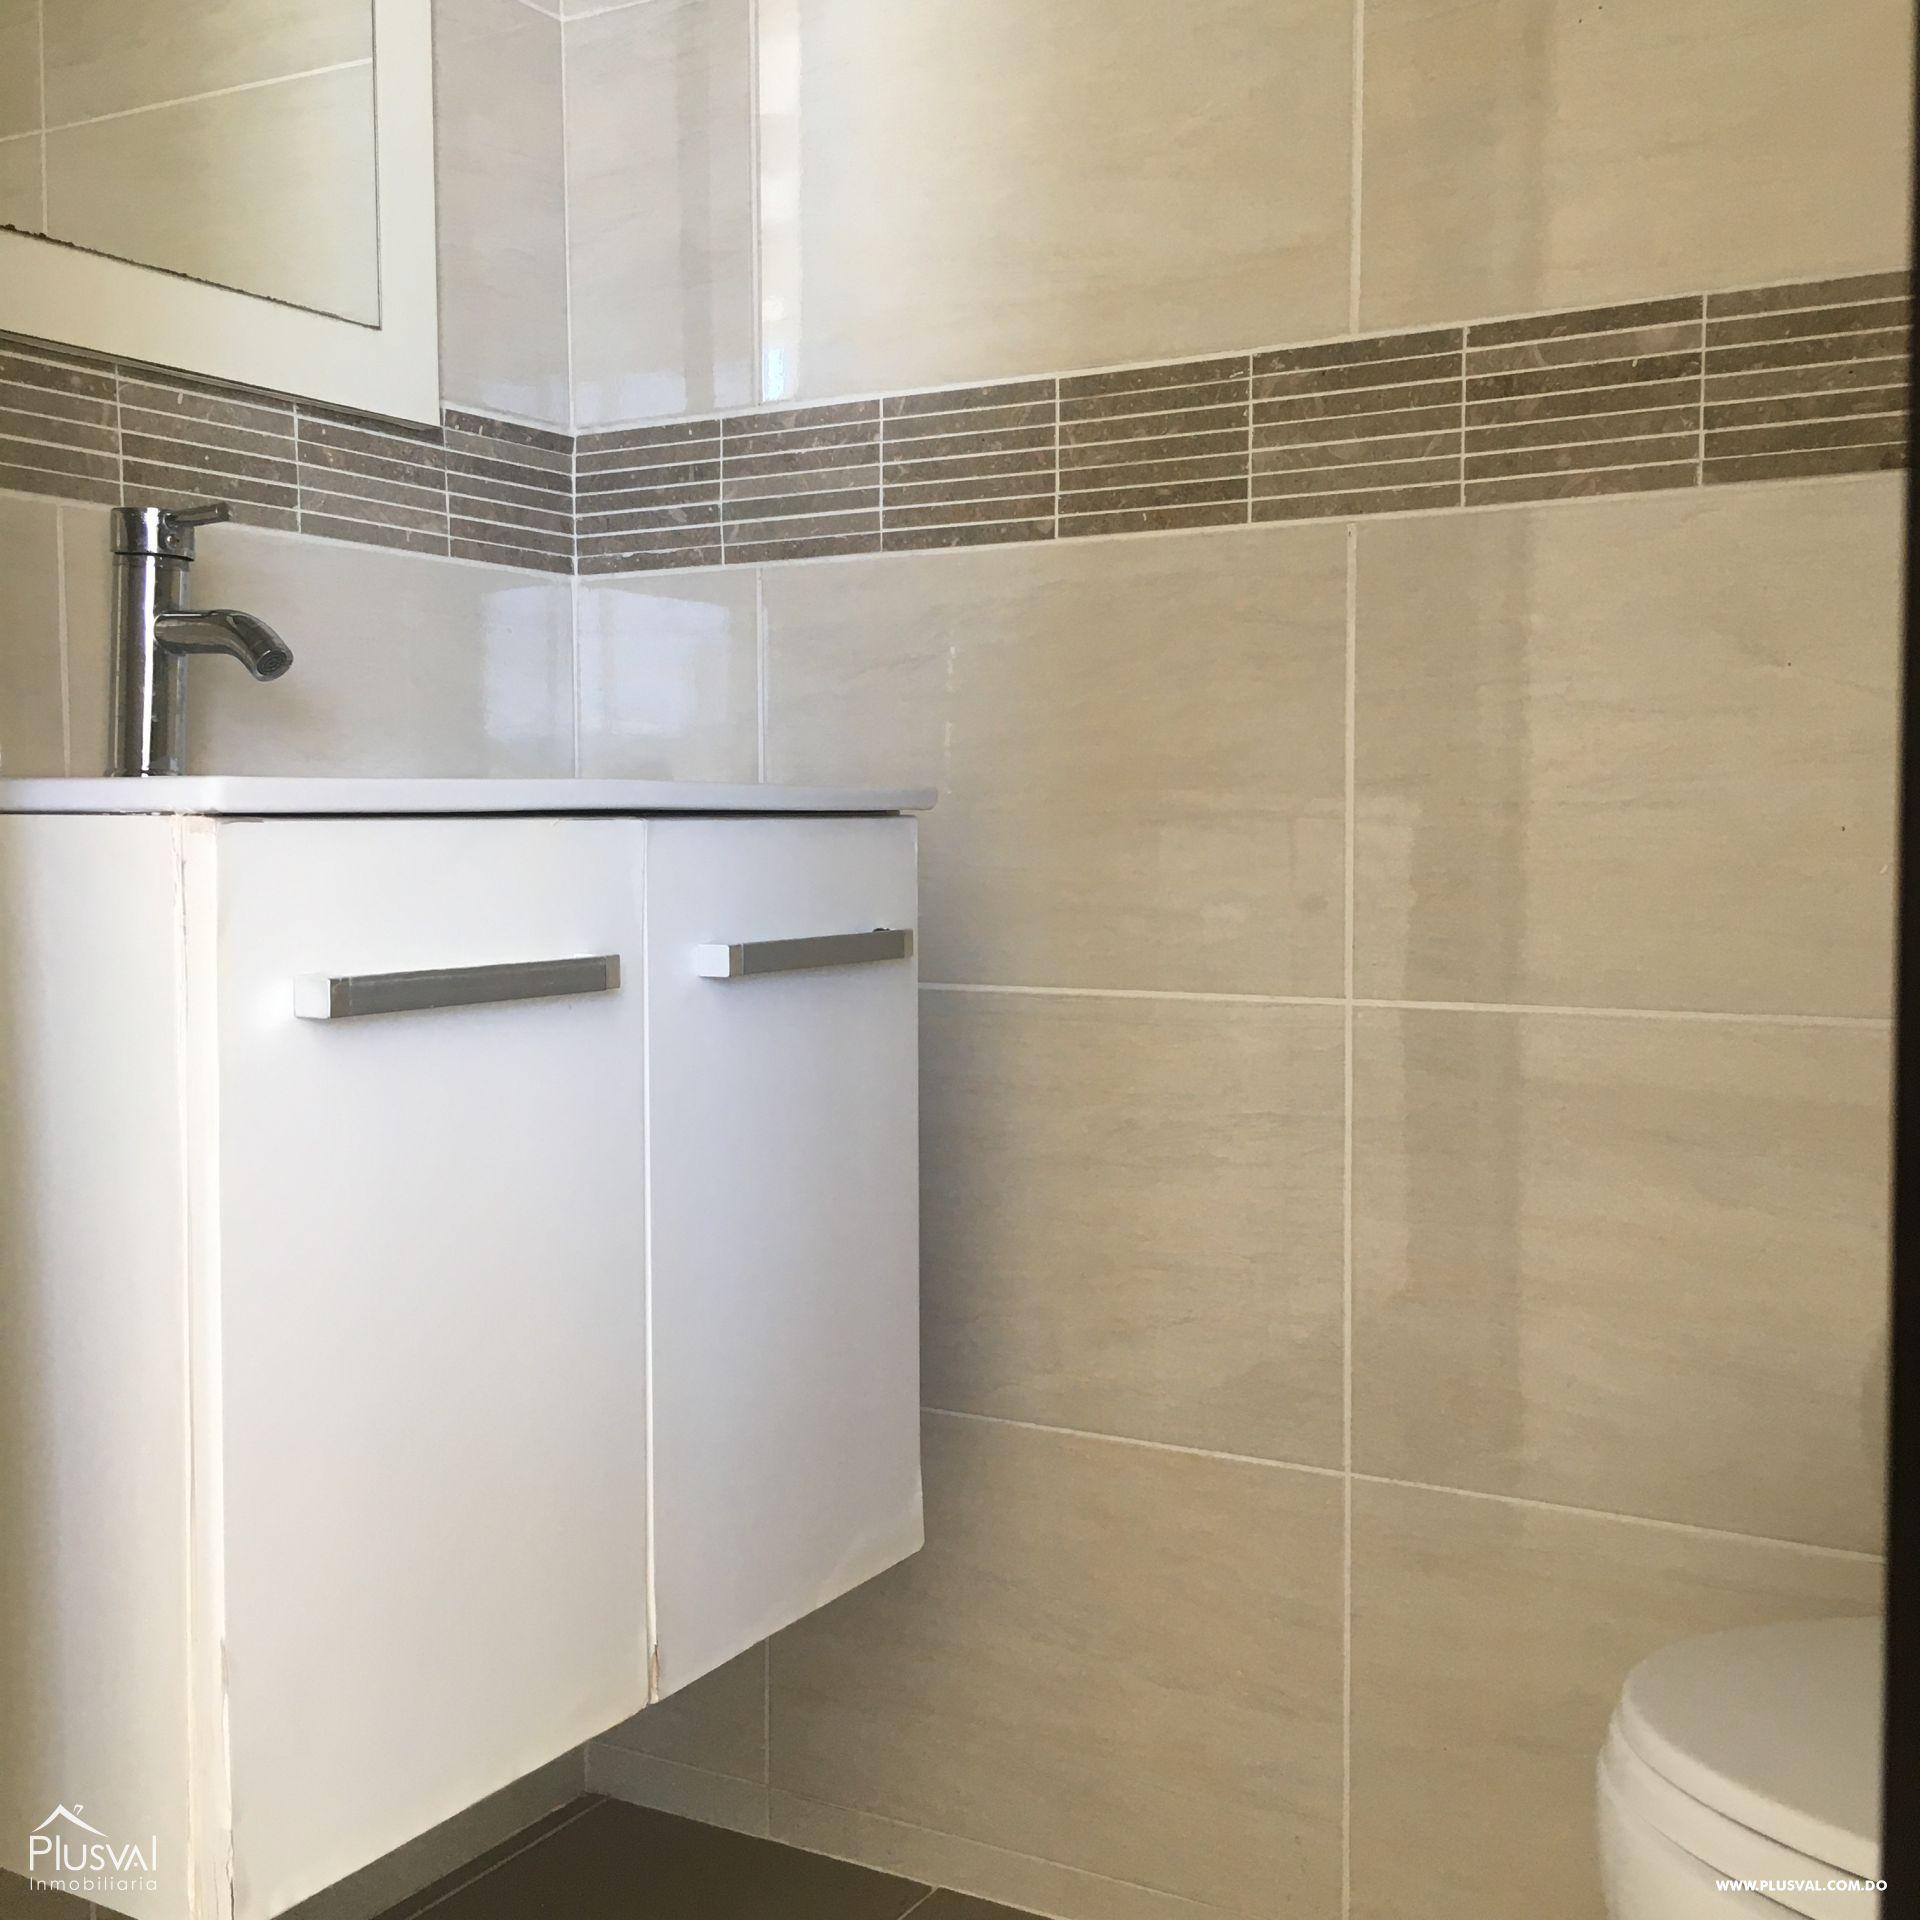 Proyecto residencial en venta, Mirador Norte. 169557